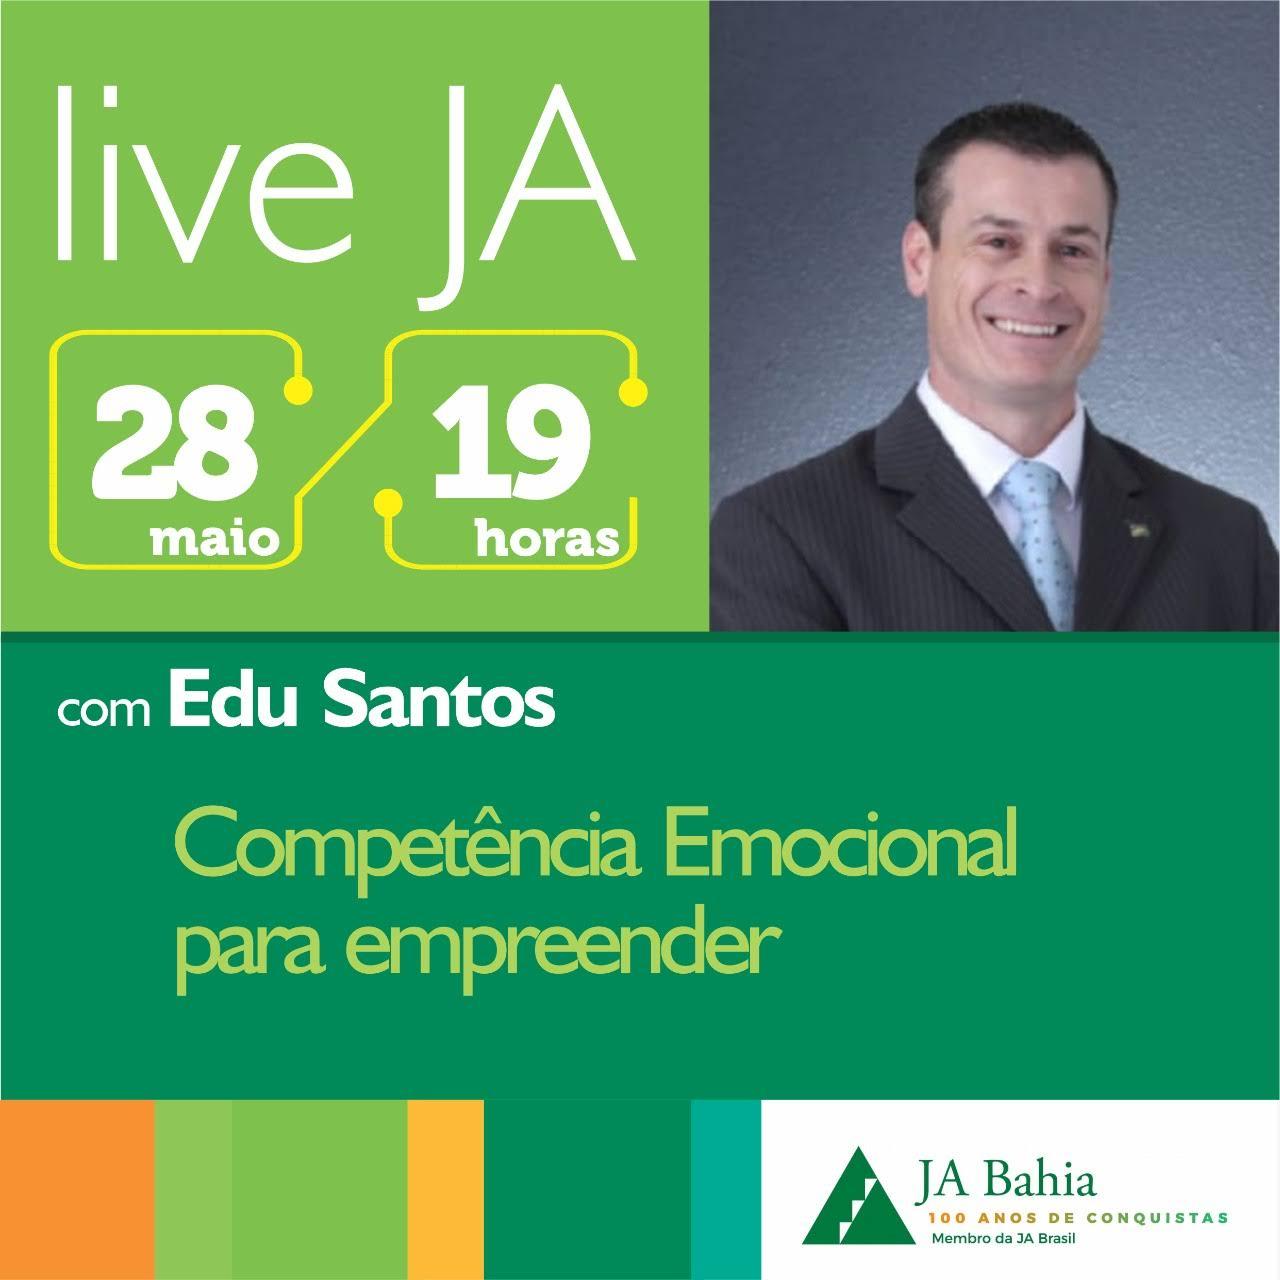 #LIVEJA com Edu Santos